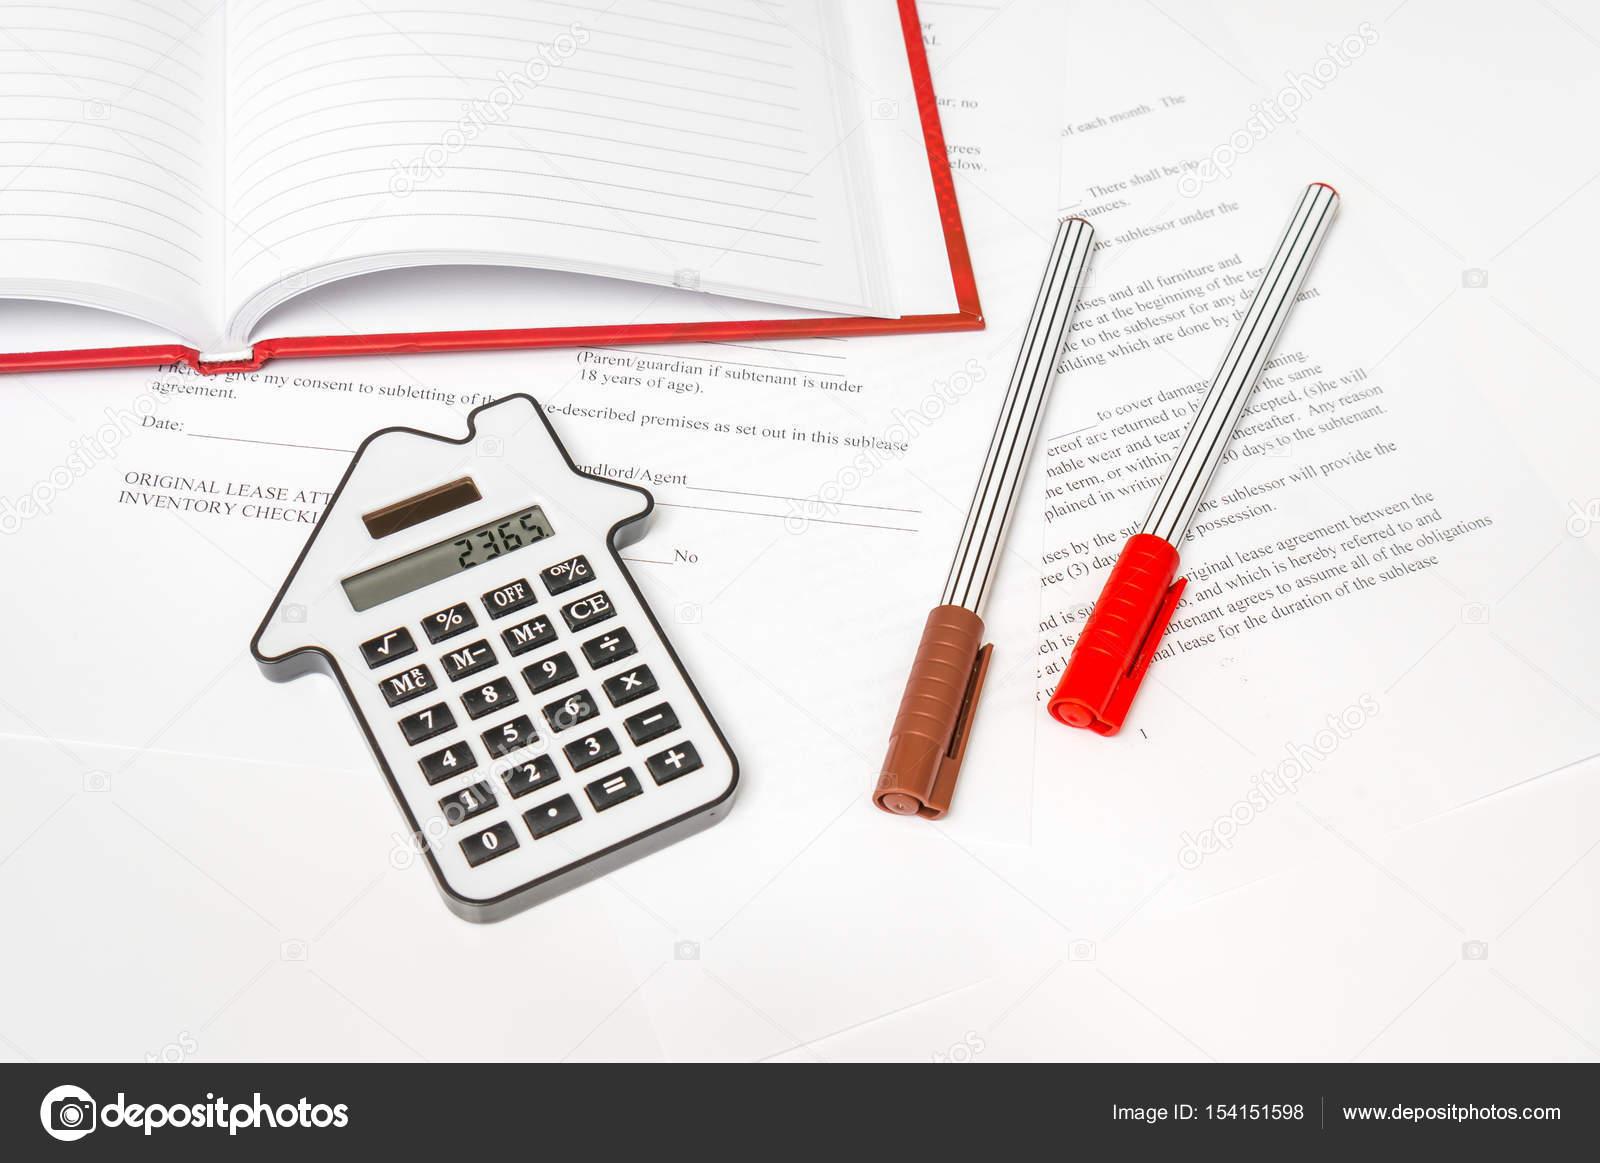 Rechner Und Vertrag Hypotheken Und Immobilien Konzept Stockfoto